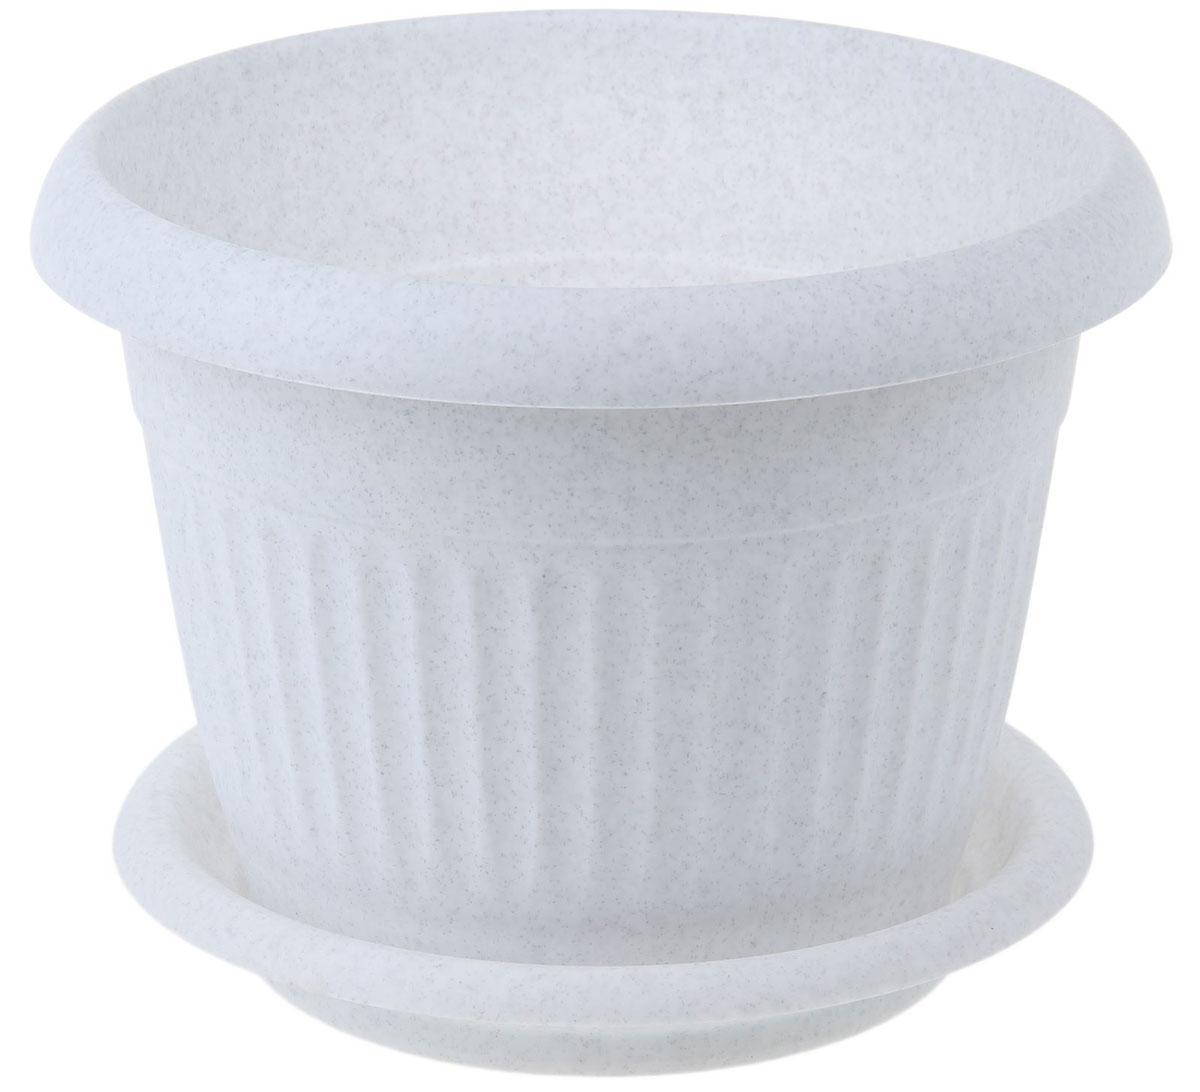 Кашпо Idea Ливия, с поддоном, цвет: мраморный, 16 лМ 3026Кашпо Idea Ливия изготовлено из прочного полипропилена (пластика) и предназначено для выращивания растений, цветов и трав в домашних условиях. Круглый поддон обеспечивает сток воды. Такое кашпо порадует вас функциональностью, а благодаря лаконичному дизайну впишется в любой интерьер помещения. Диаметр кашпо по верхнему краю: 36 см. Объем кашпо: 16 л.